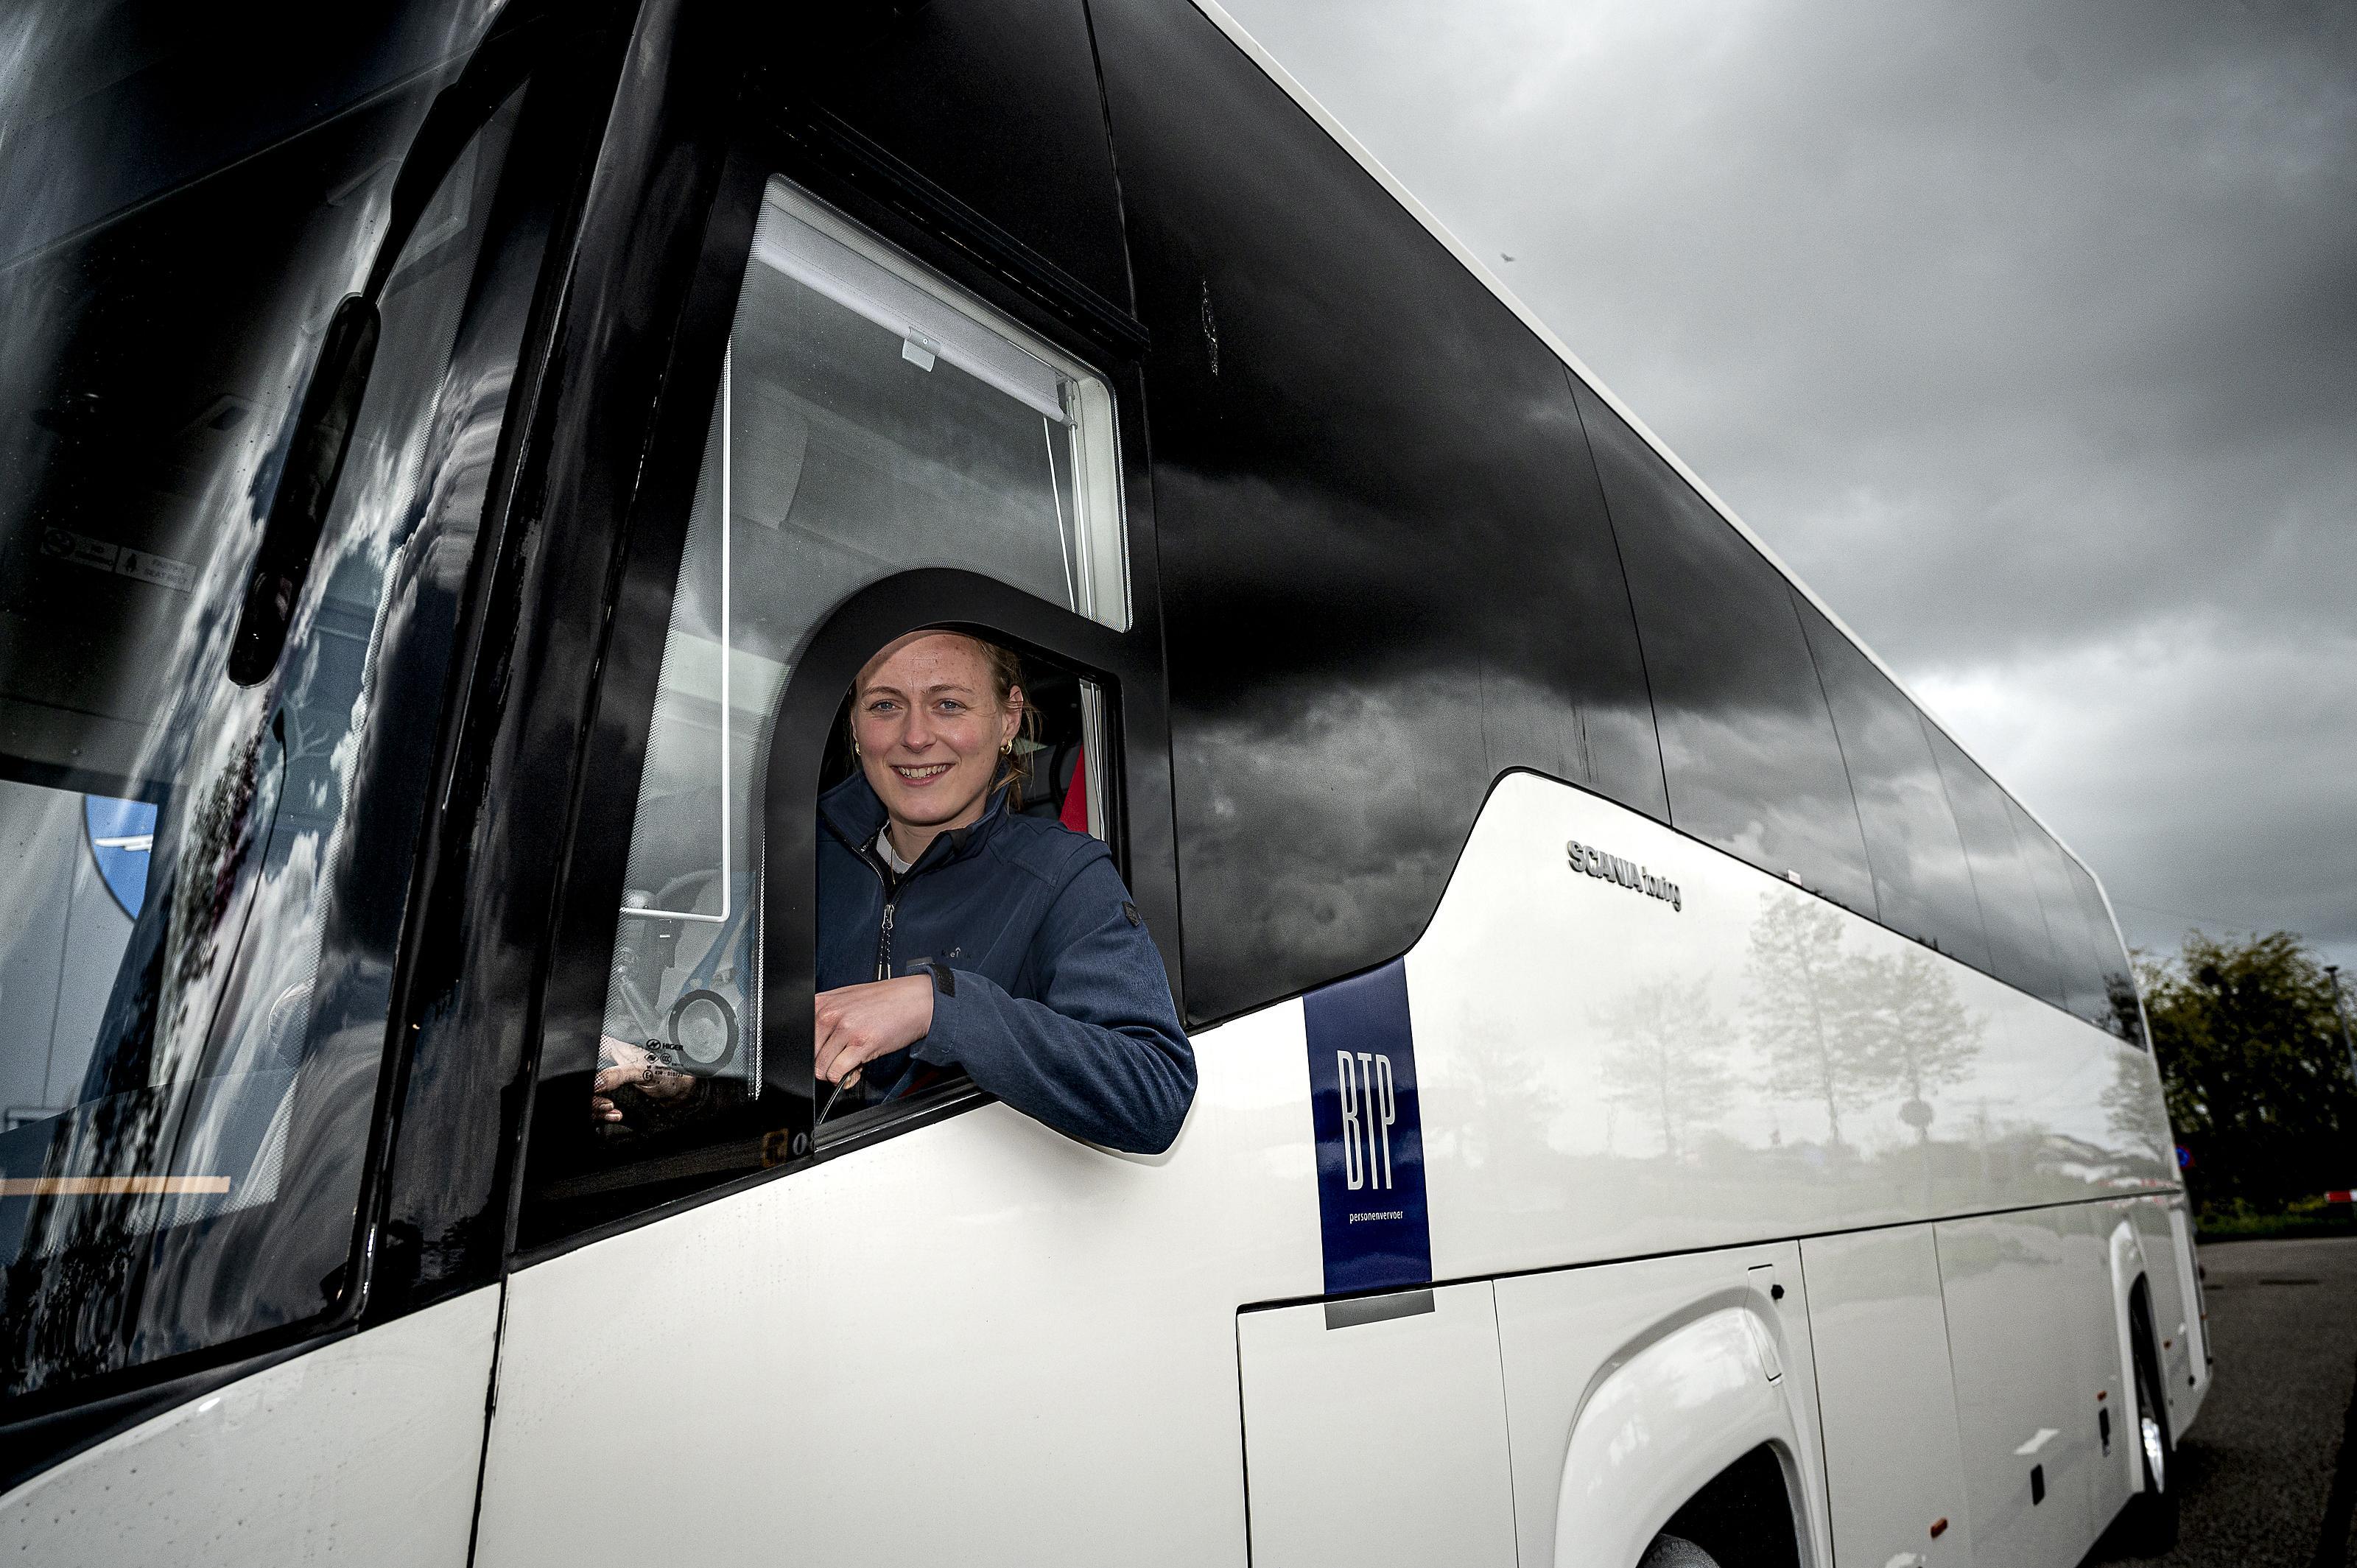 Femke neemt ouderen gratis mee op sleeptouw in haar nauwelijks gebruikte touringcar: 'De meeste zijn moederziel alleen'